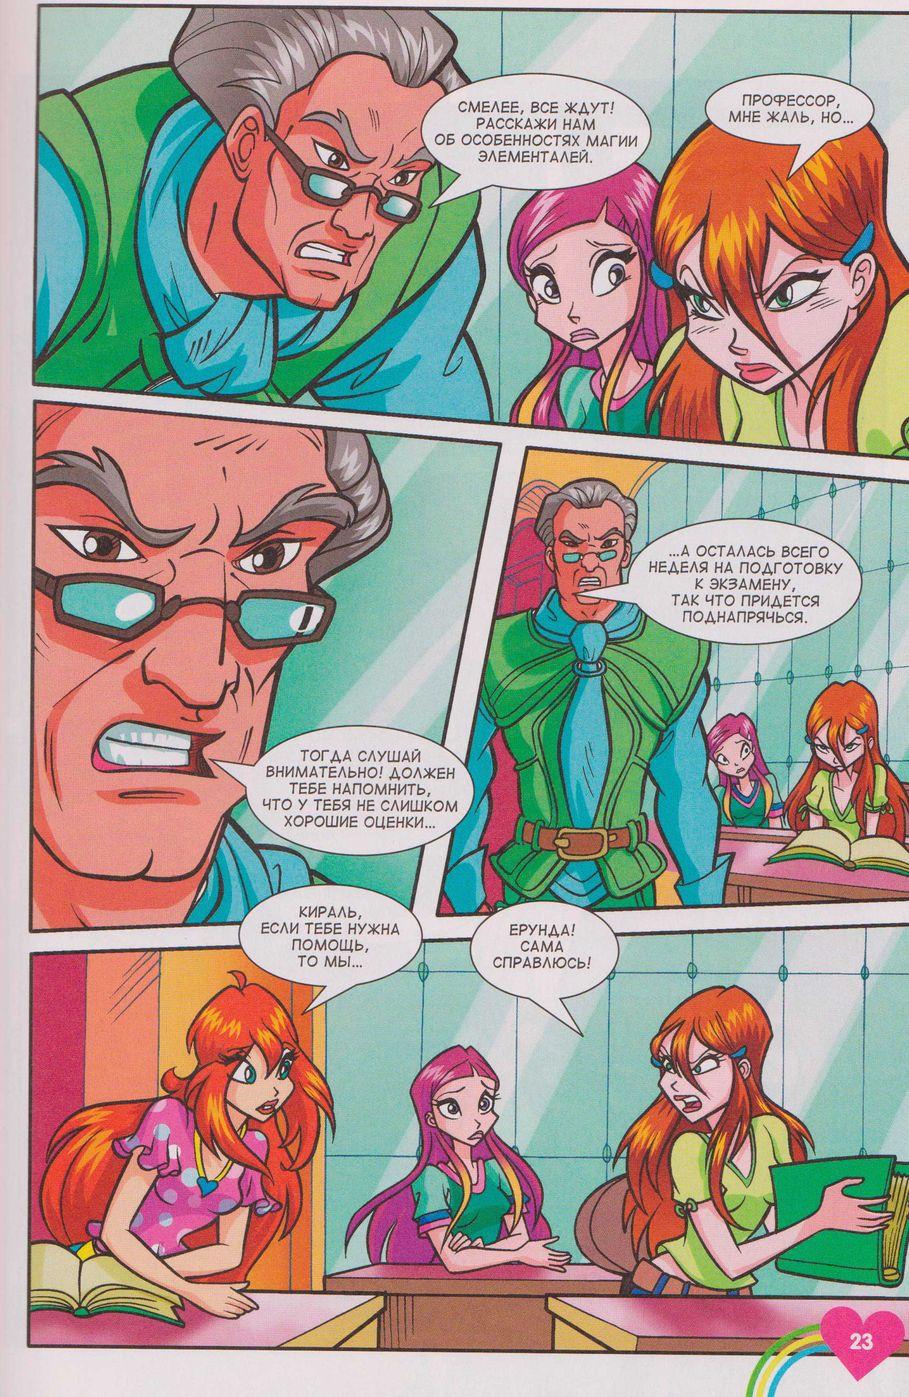 Комикс Винкс Winx - Лучшие диджеи Боб Синклер & Дэвид Гетта (Журнал Винкс №4 2012) - стр. 17